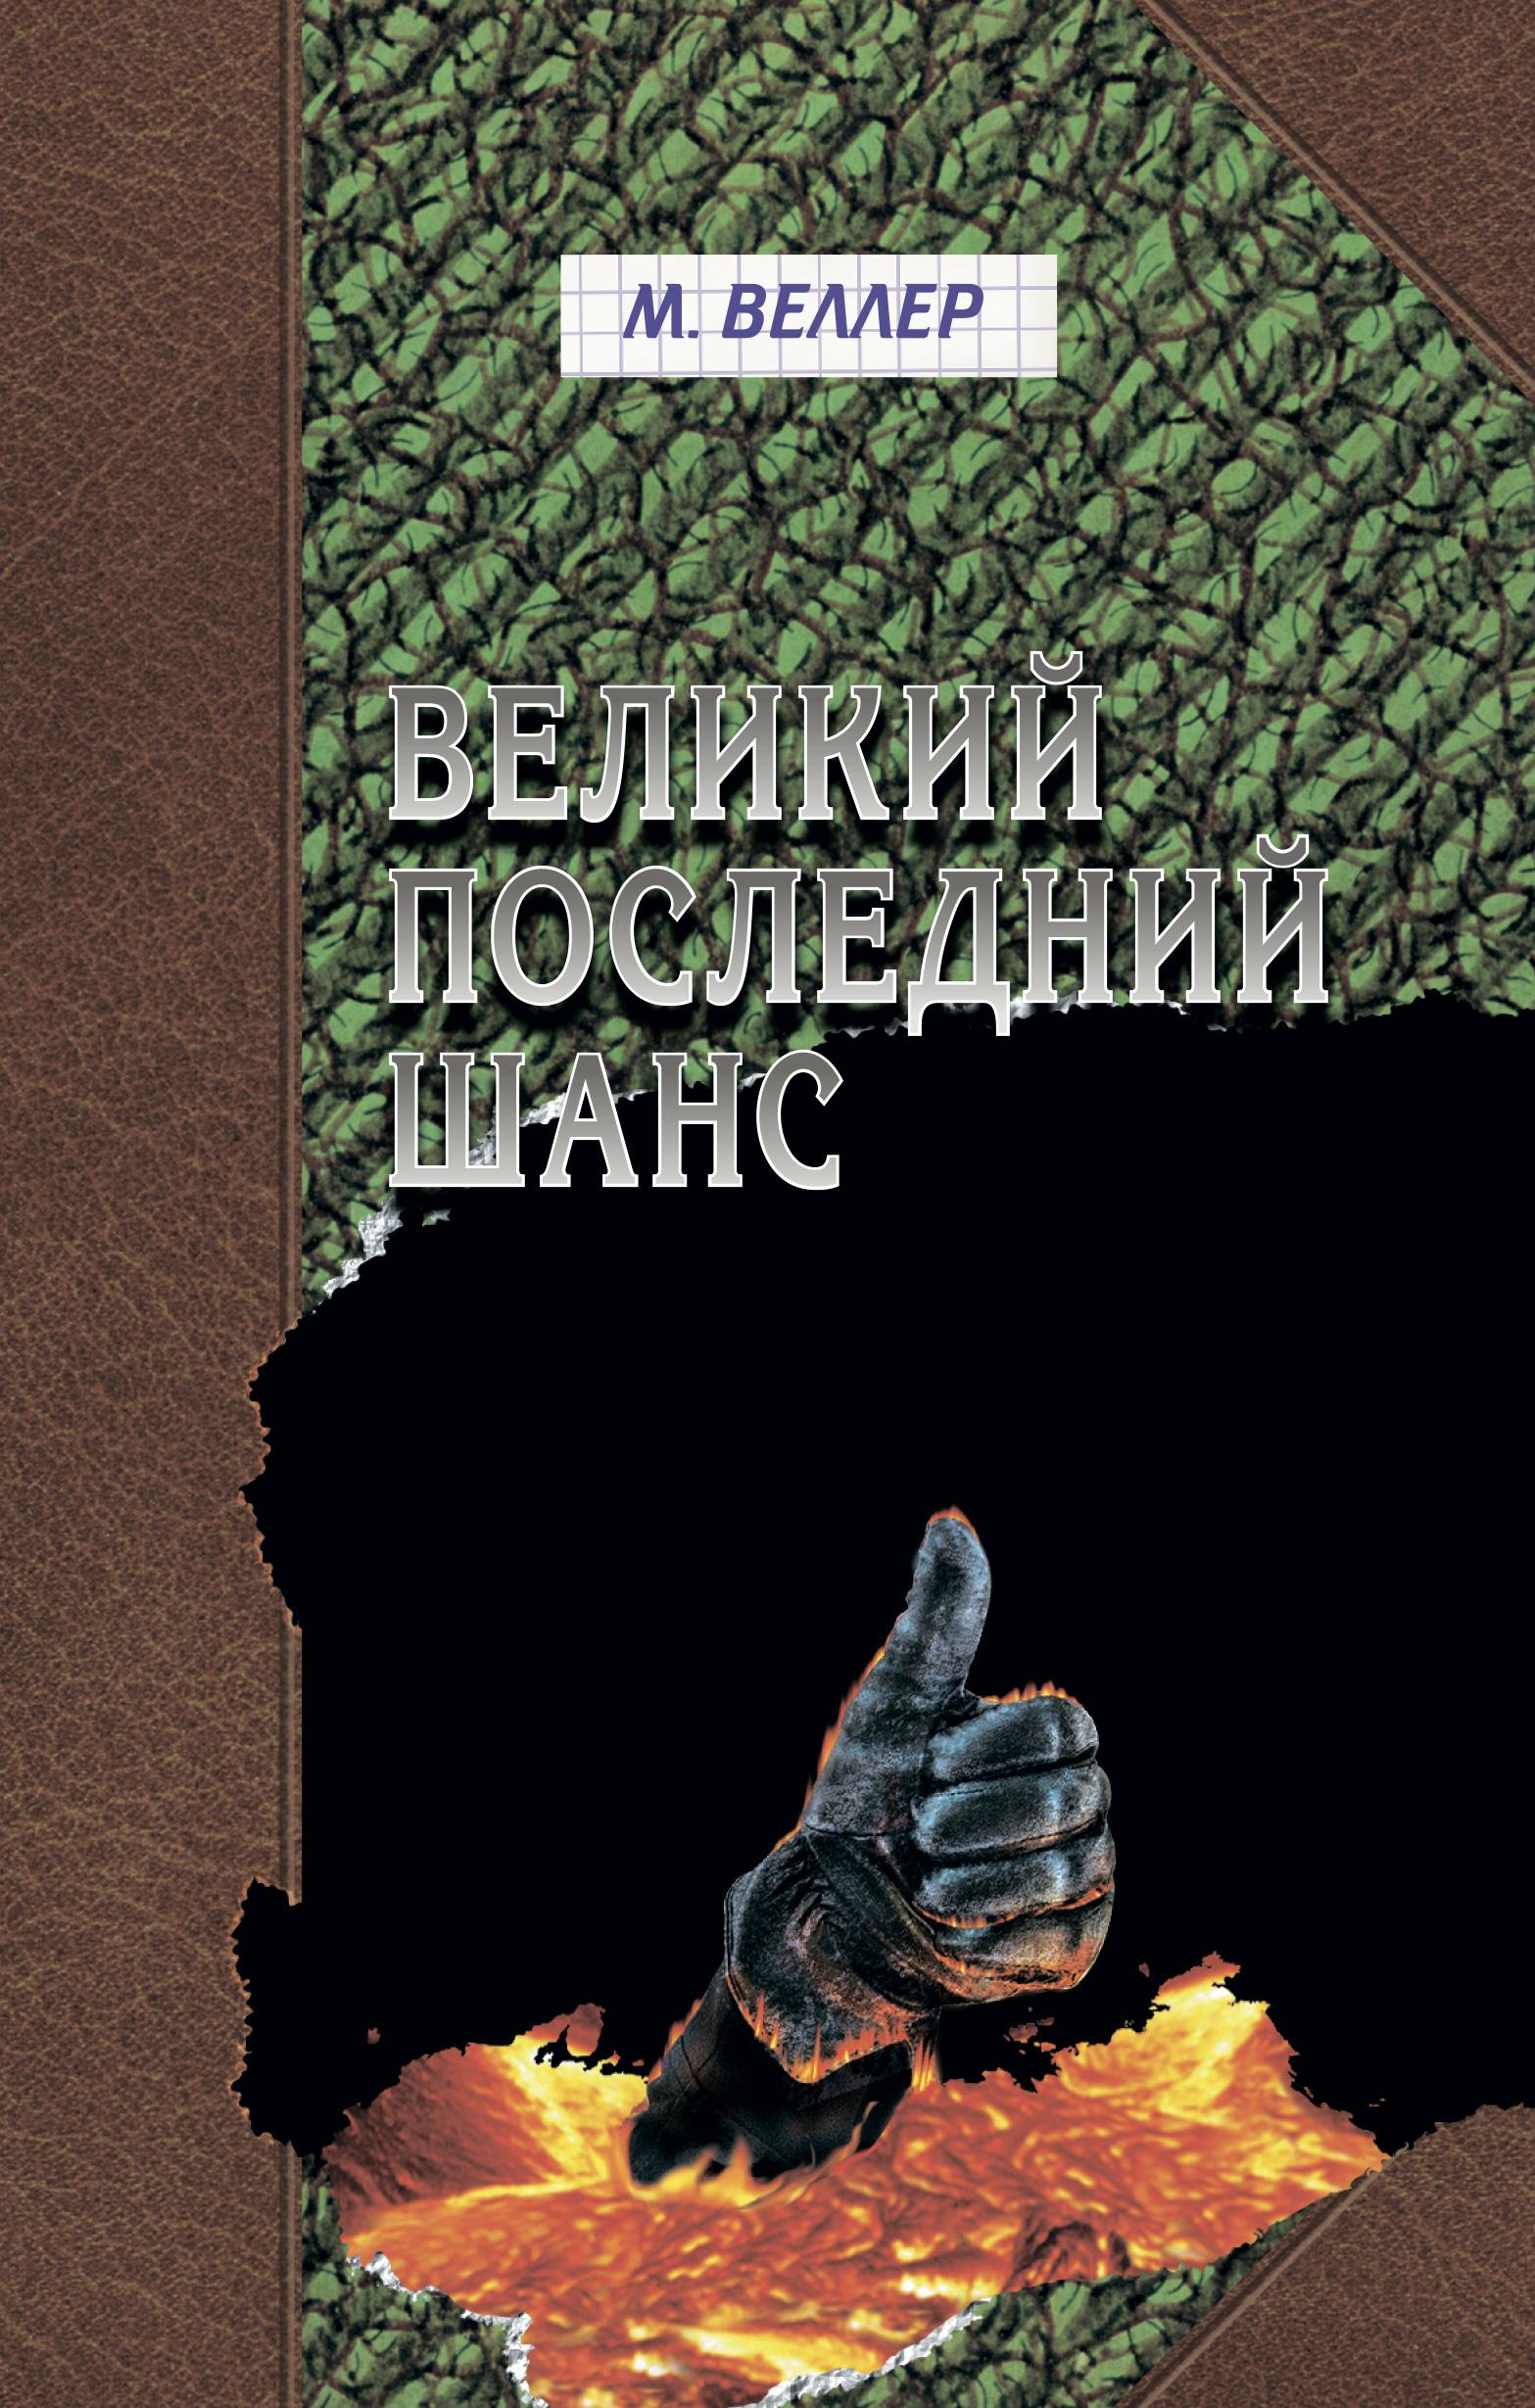 Михаил Веллер Великий последний шанс (сборник) последний шанс